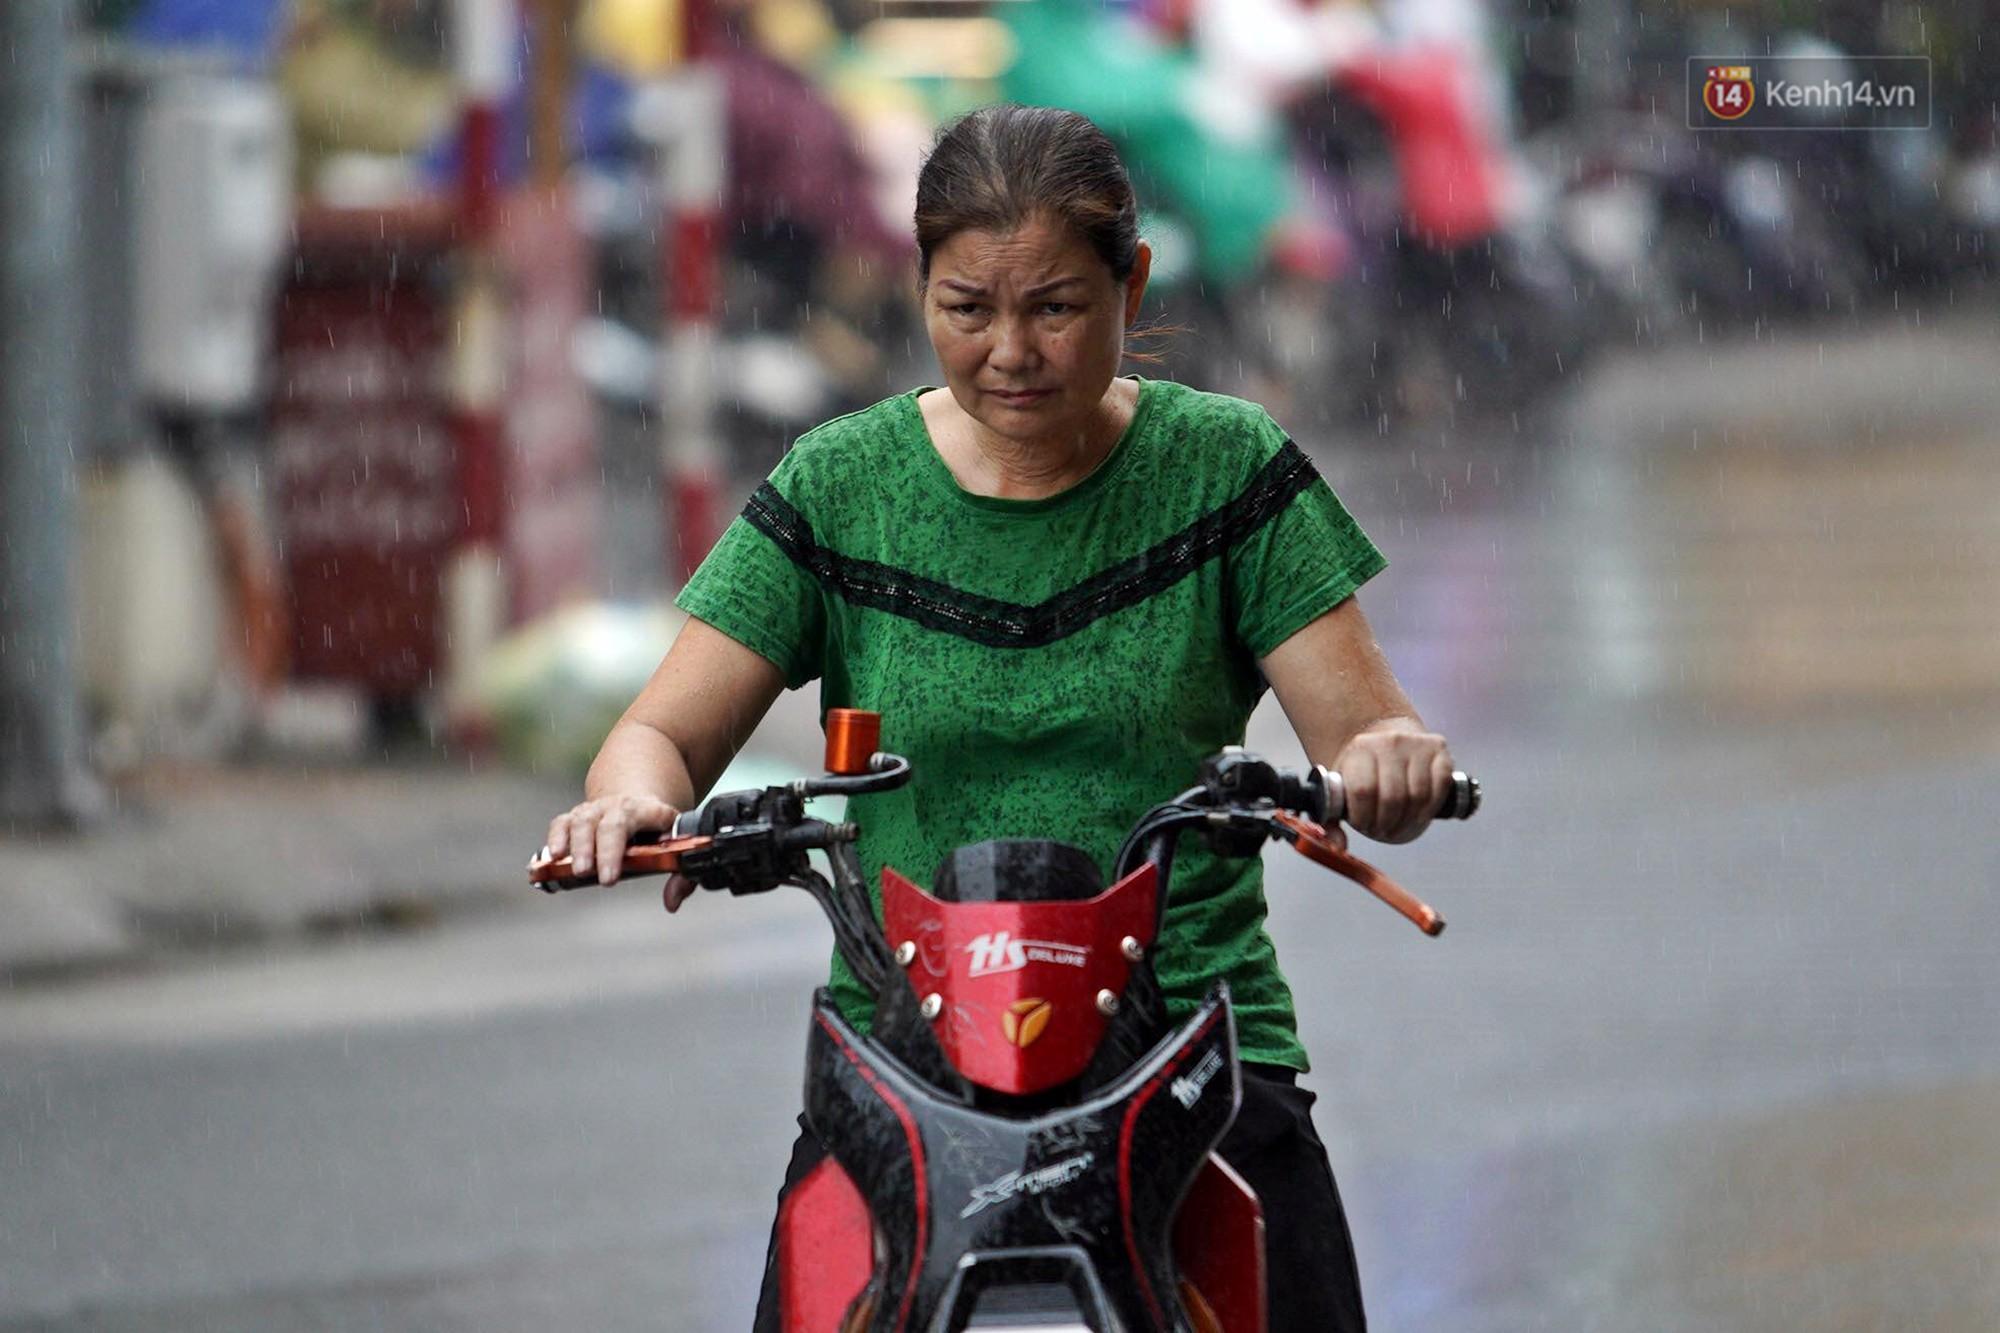 Ảnh hưởng bão số 2 khiến Hà Nội mưa trắng xoá, gió quật nghiêng người-4